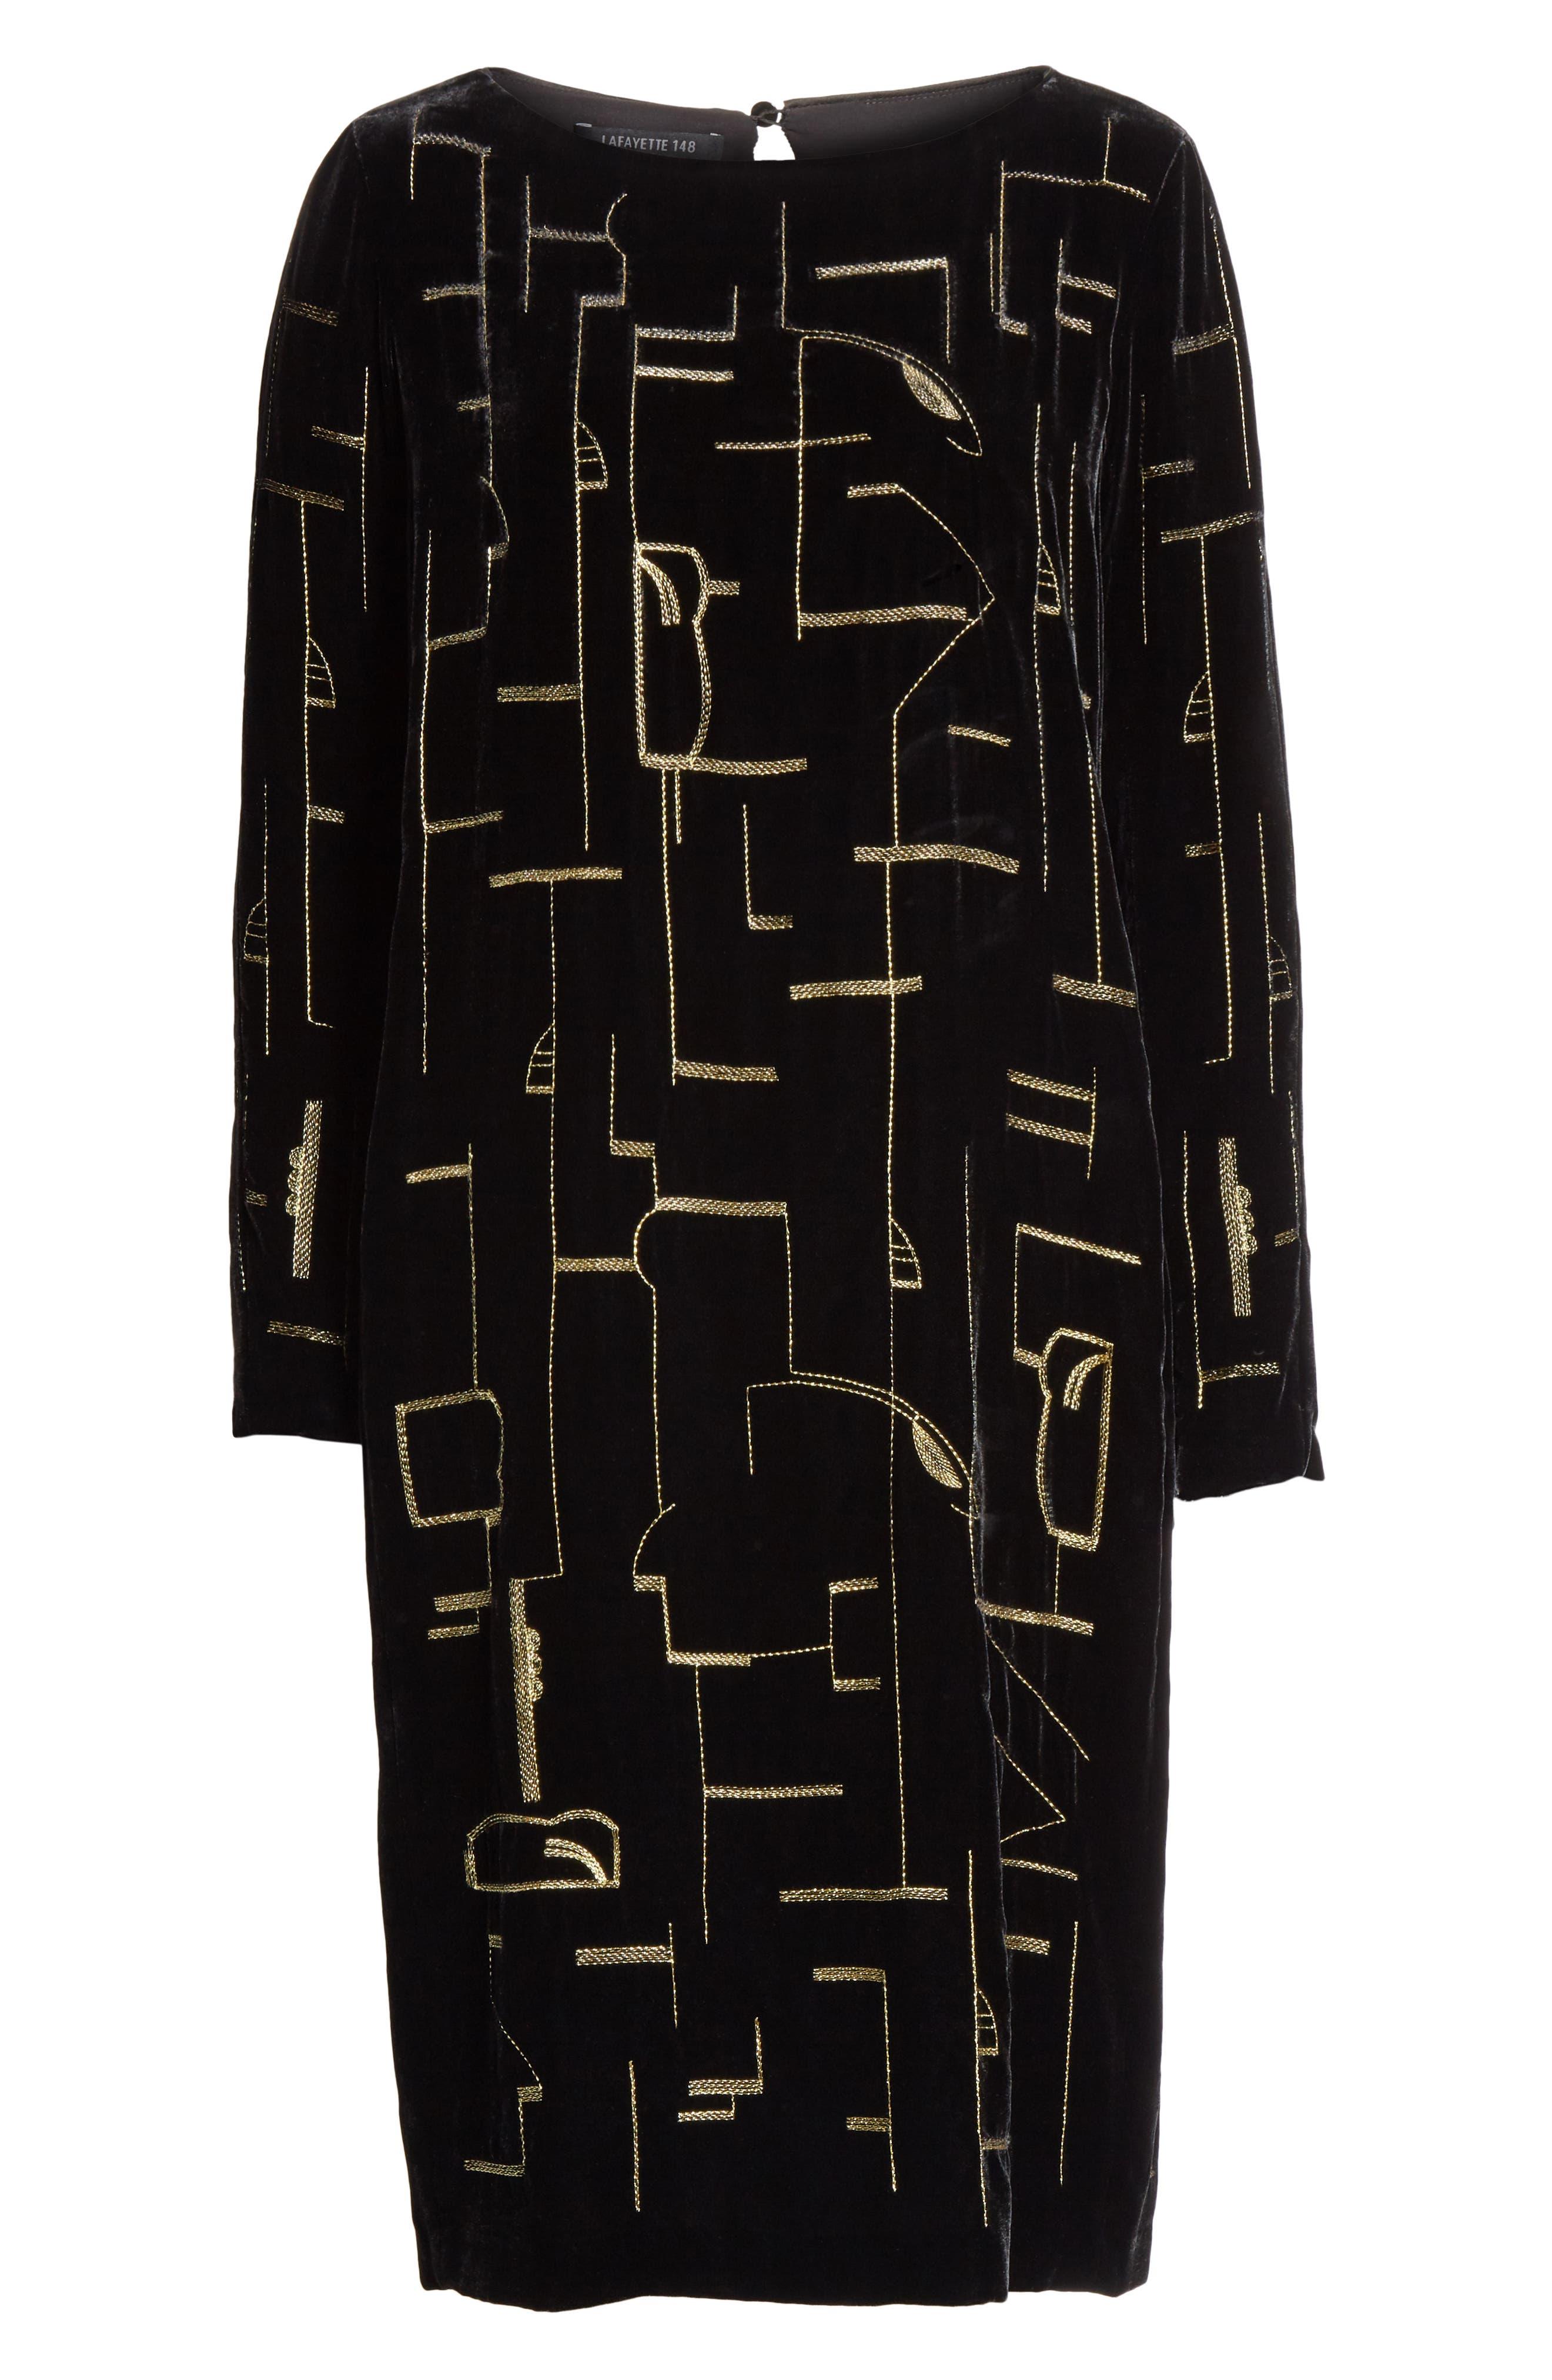 LAFAYETTE 148 NEW YORK,                             Cressida Embellished Velvet Dress,                             Alternate thumbnail 7, color,                             BLACK MULTI